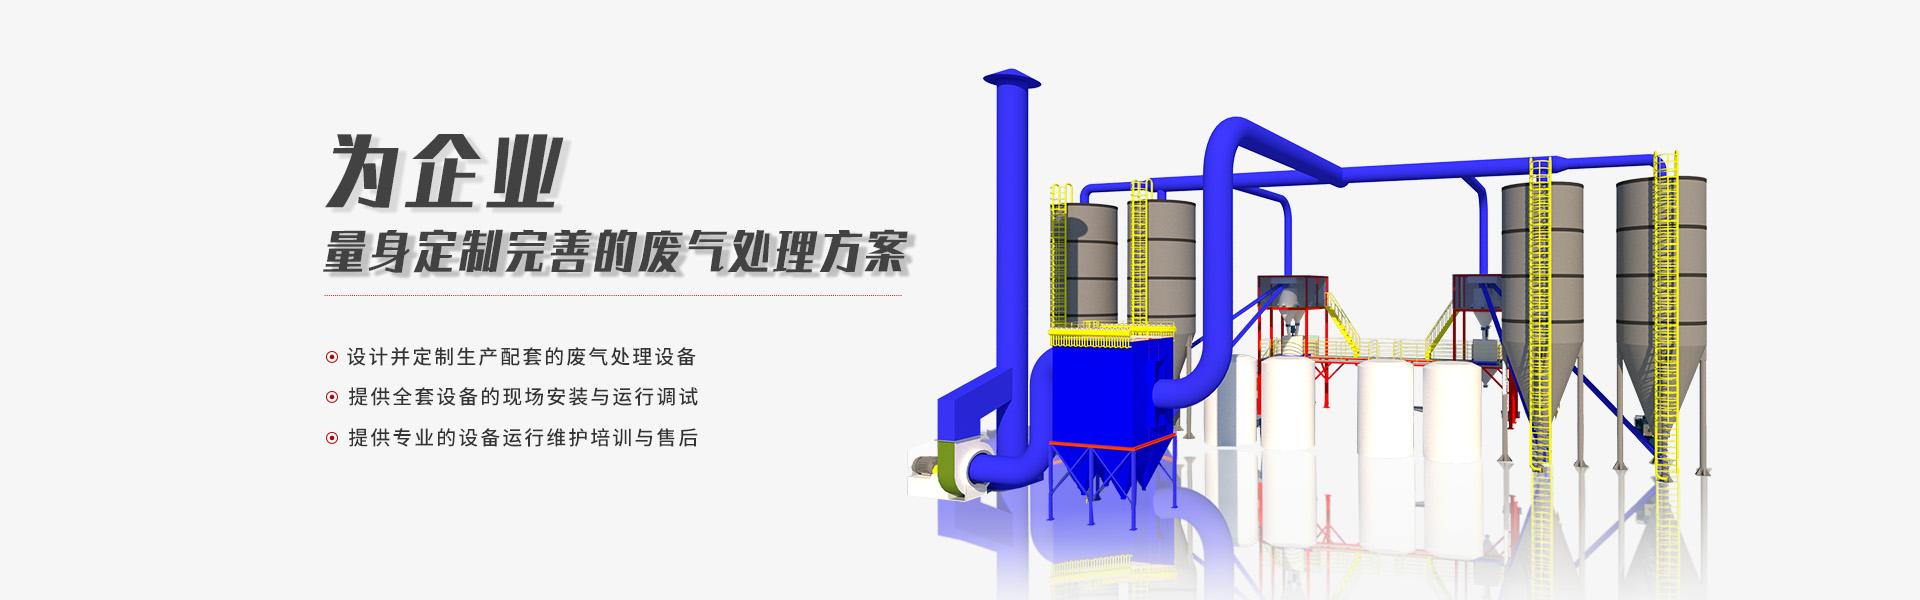 为企业量身定制完善的废气处理方案